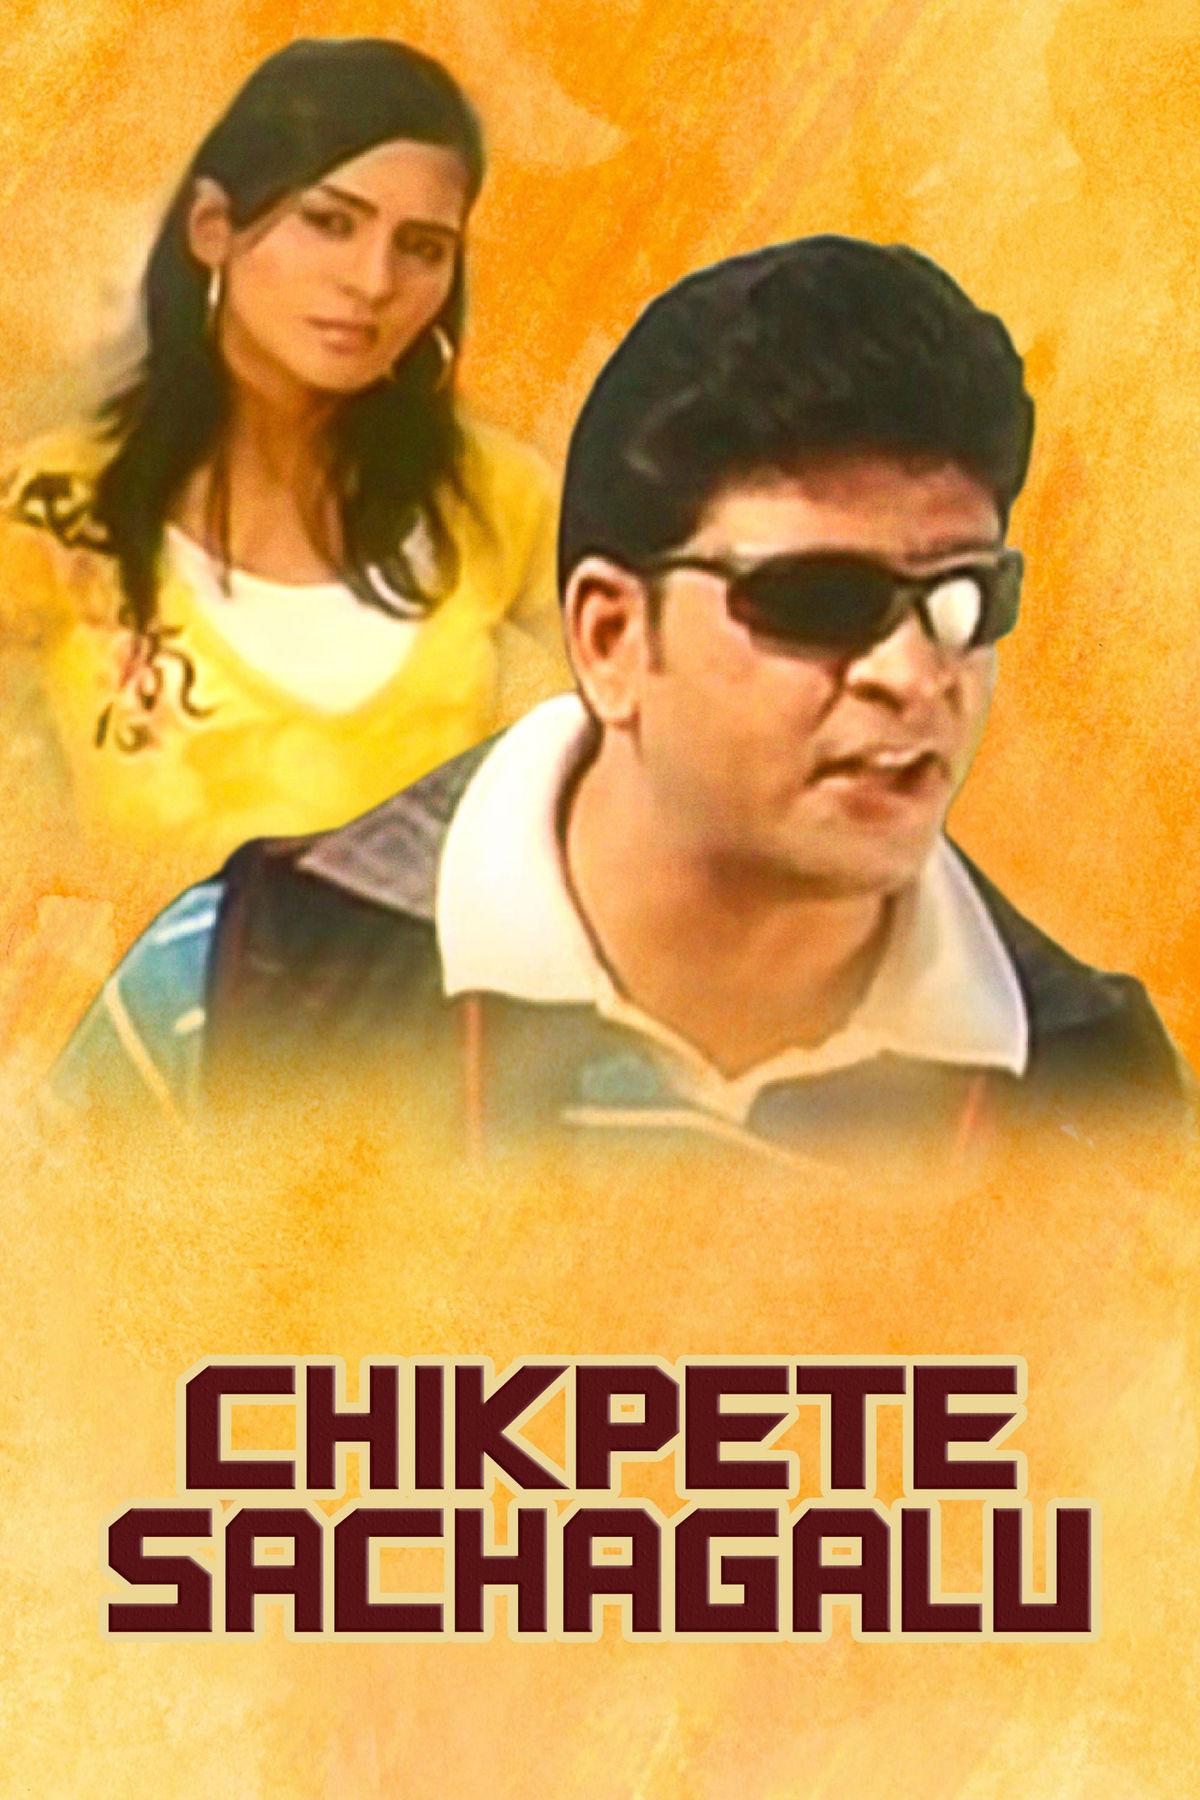 Chikpete Sachagalu